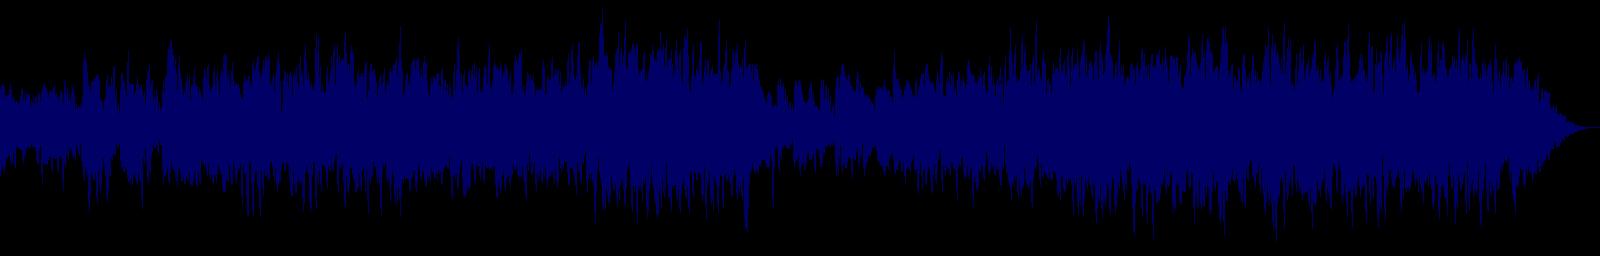 waveform of track #131770